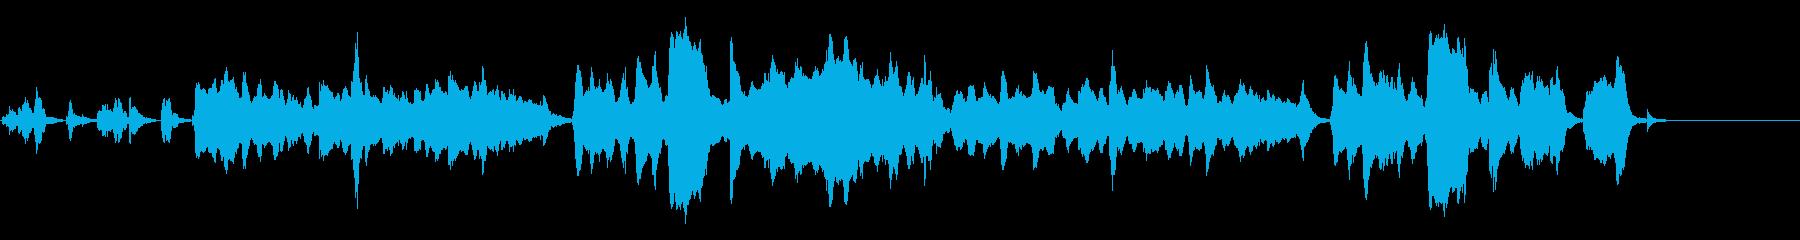 ほのぼのした三拍子ポップの再生済みの波形